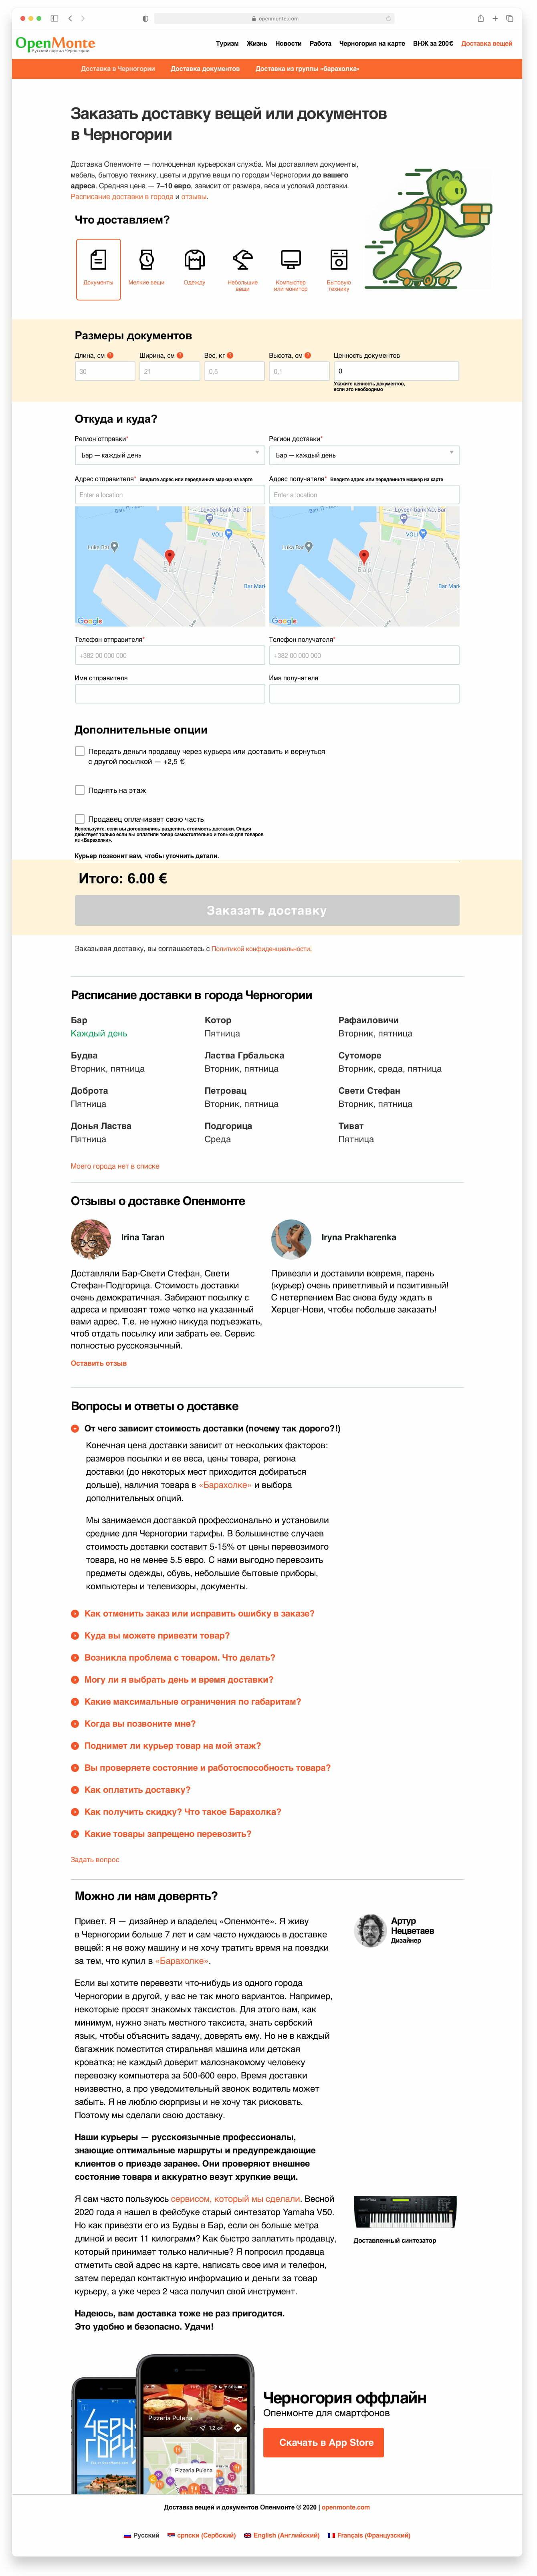 Доставка вещей Опенмонте Сайт Артура Нецветаева — сайты, приложения, прототипы и оформление интерфейсов openmonte 2020 delivery artur netsvetaev design